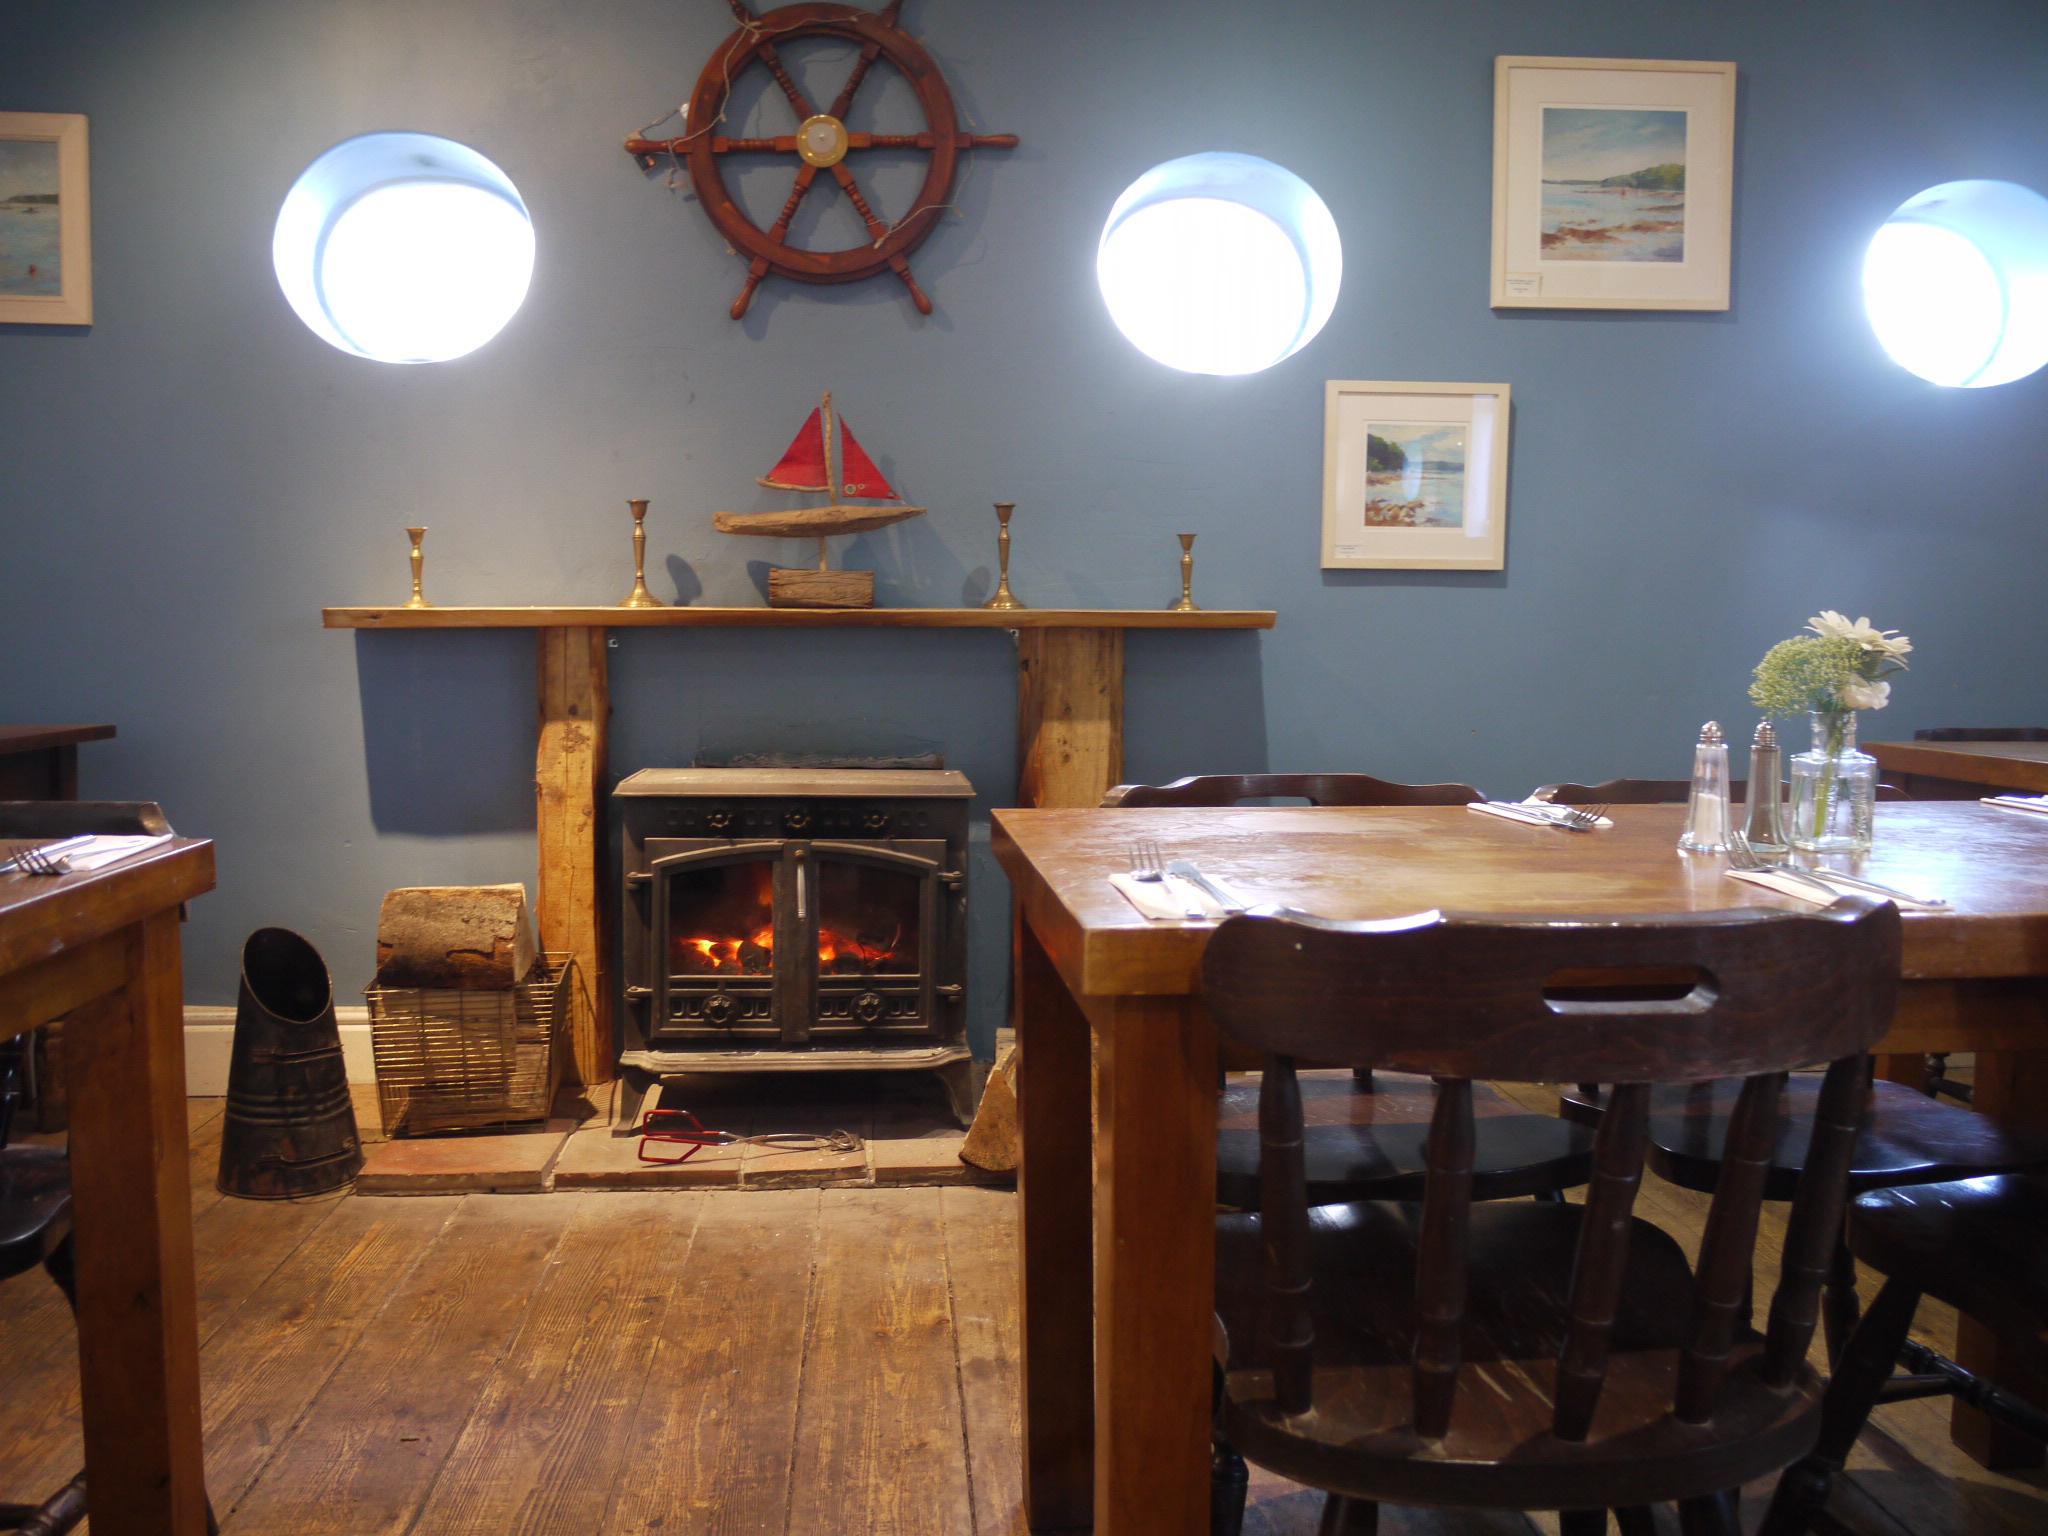 Restaurant with log burner